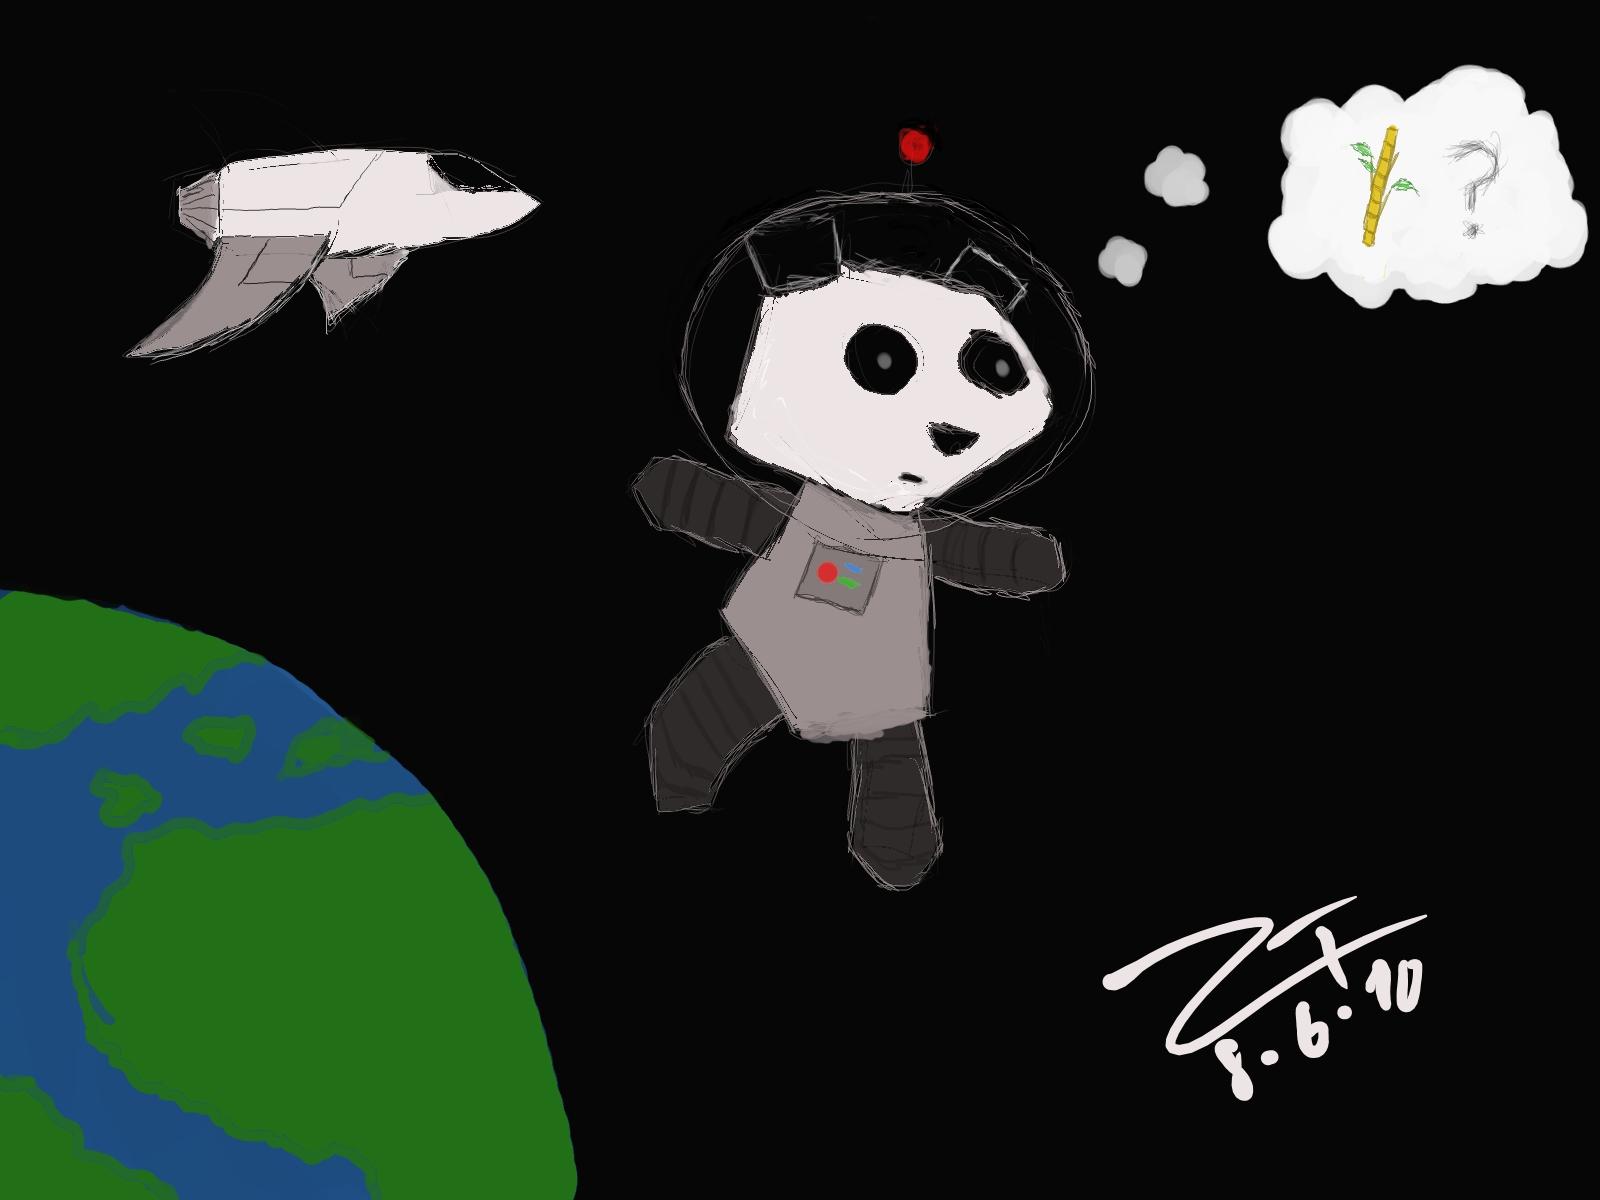 Space Panda!